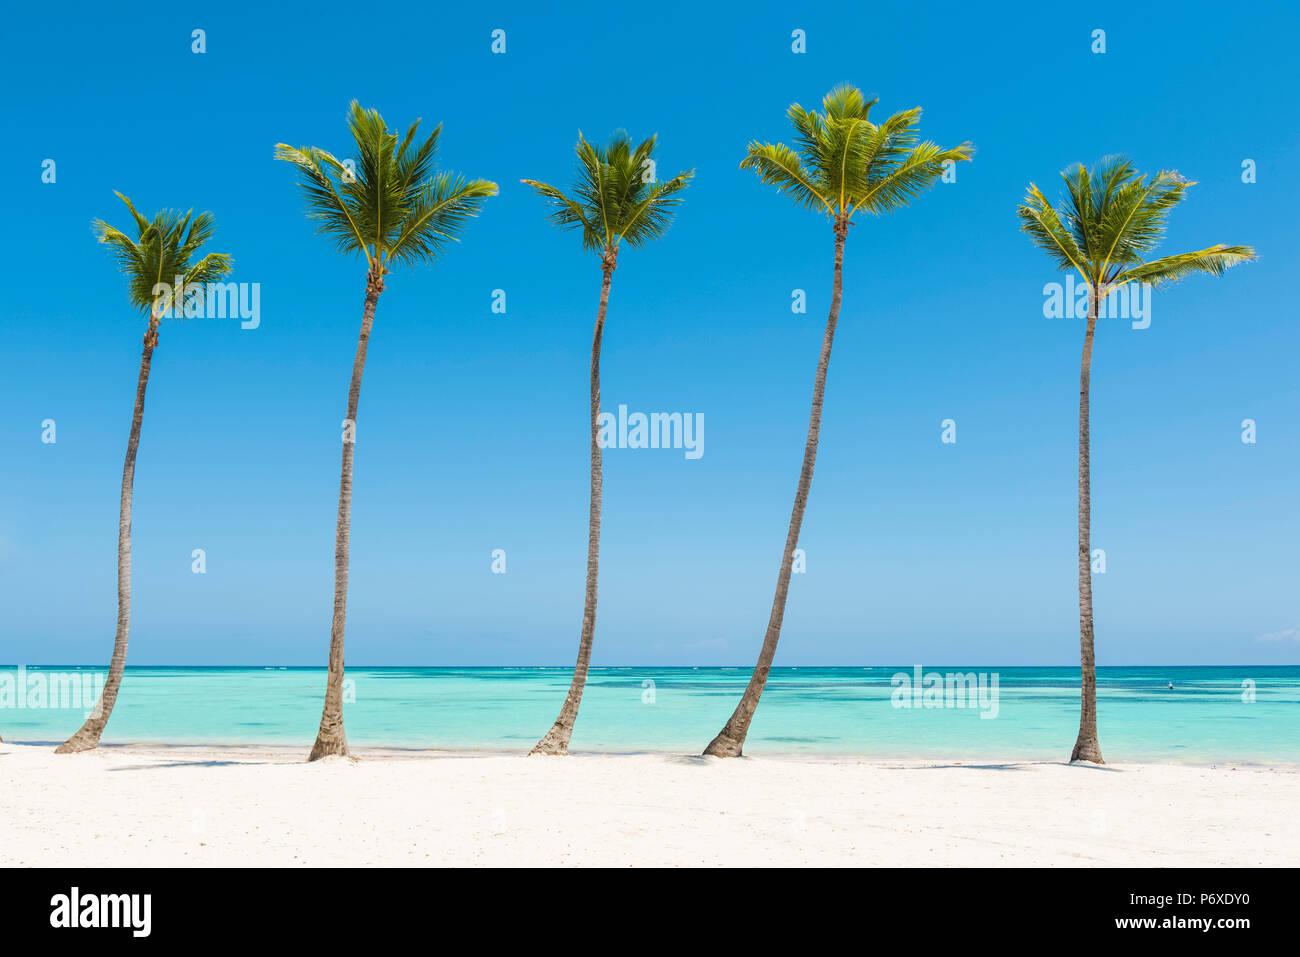 Spiaggia Juanillo (playa Juanillo), Punta Cana, Repubblica Dominicana. Spiaggia orlata di palme. Immagini Stock